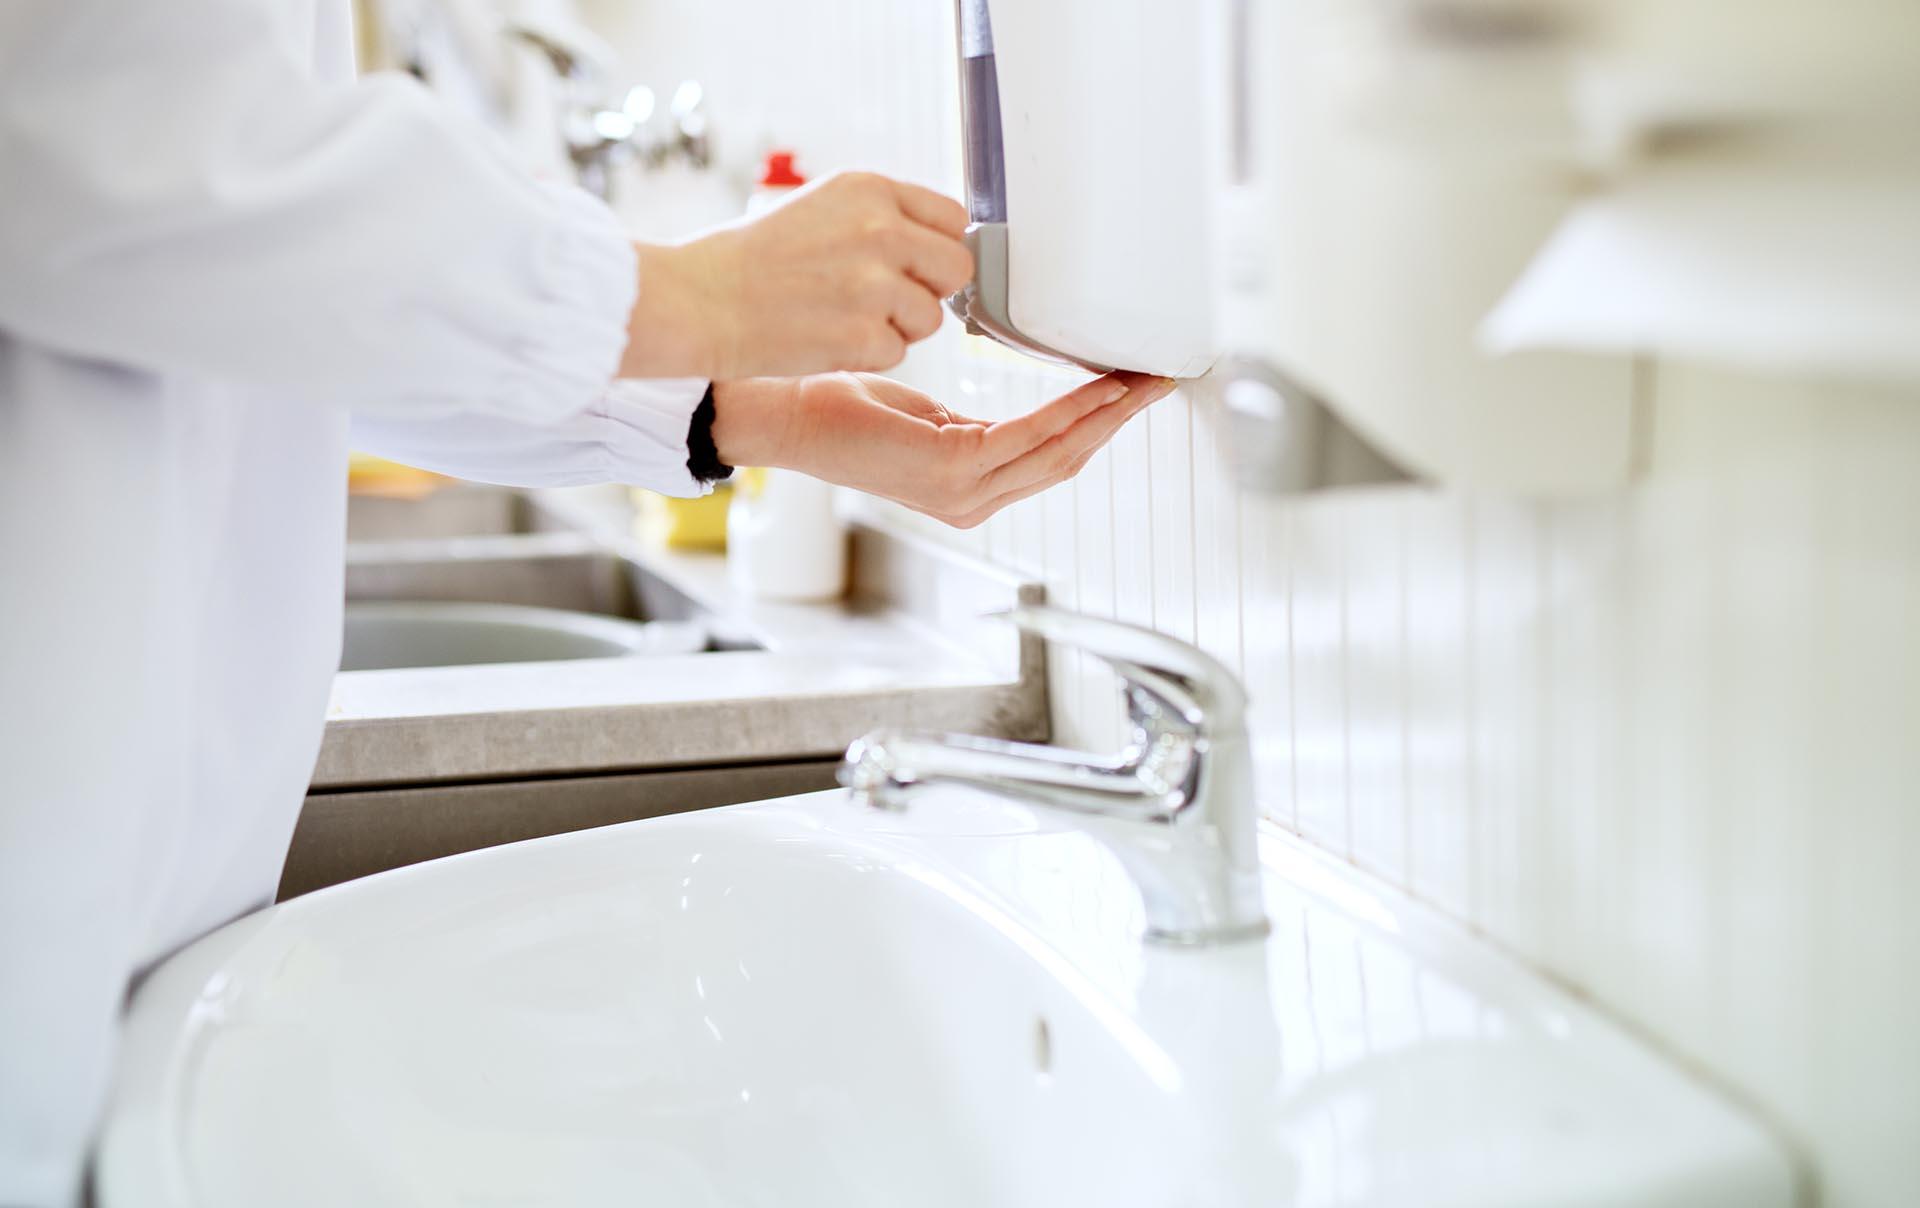 papelmatic-higiene-professional-guia-per-comprar-dispensadors-de-sabo-manual-automatics